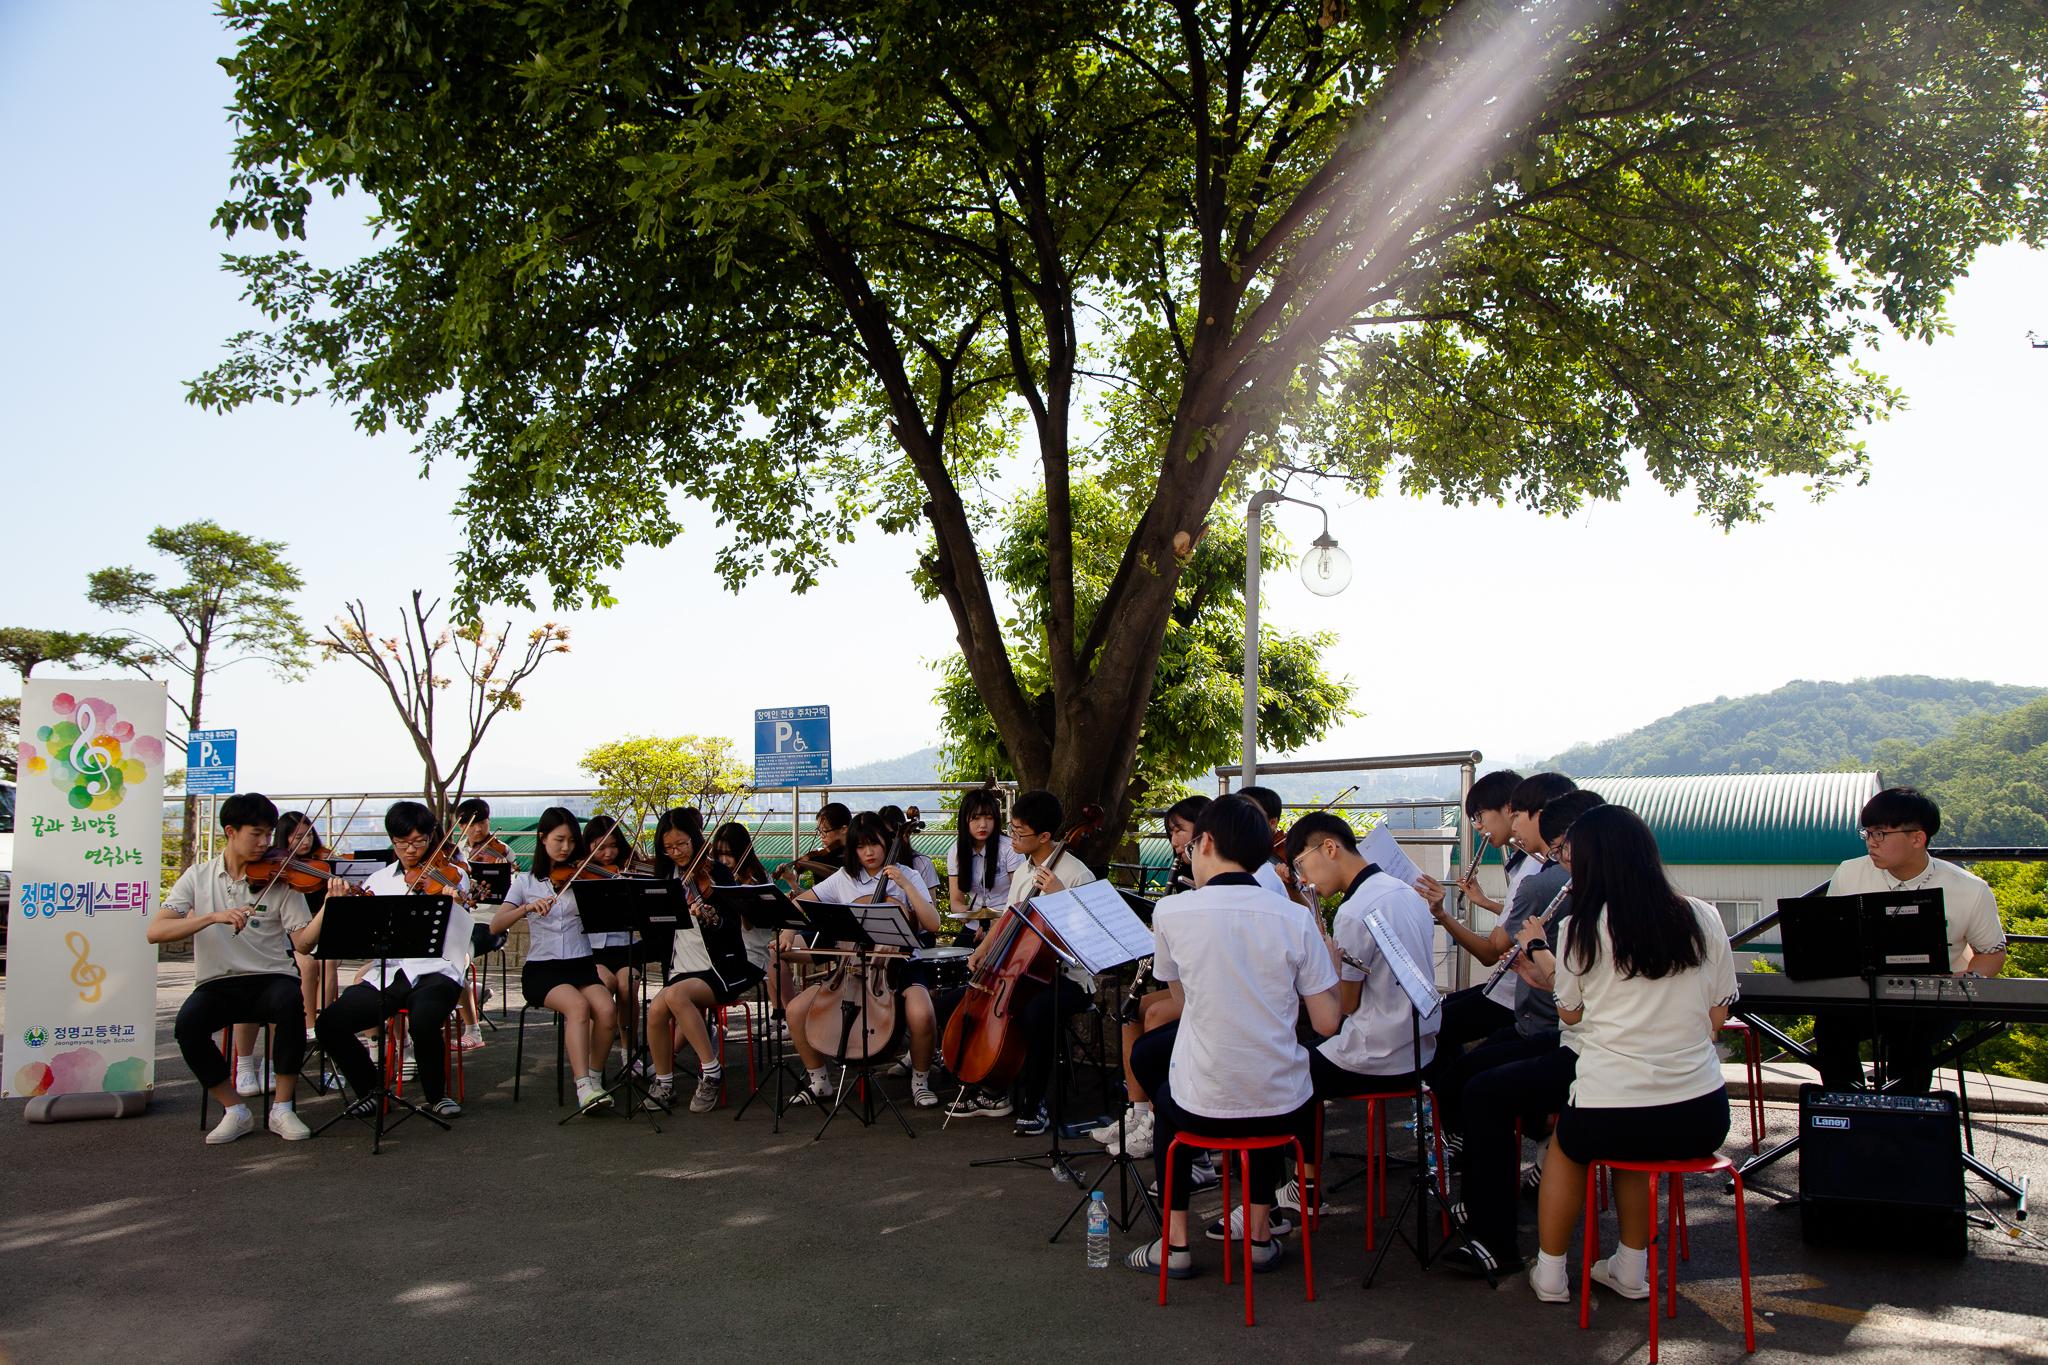 정명오케스트라 등굣길 연주회